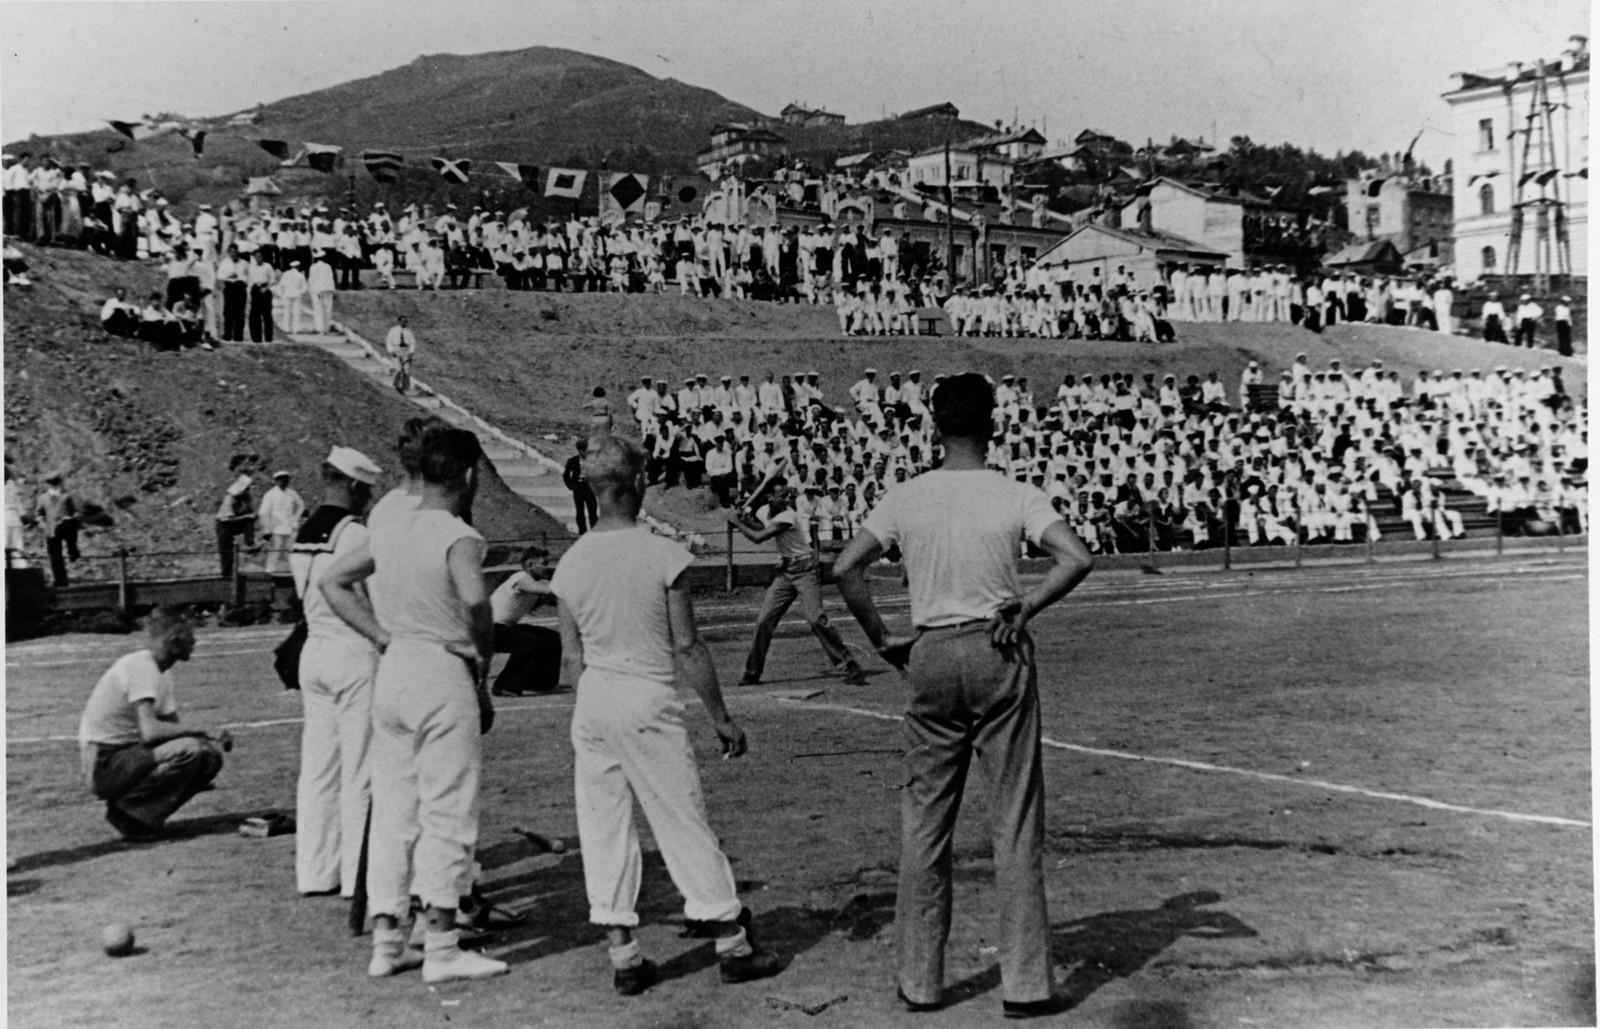 Игра в бейсбол между двумя американскими командами на стадионе, четверг, 29 июля